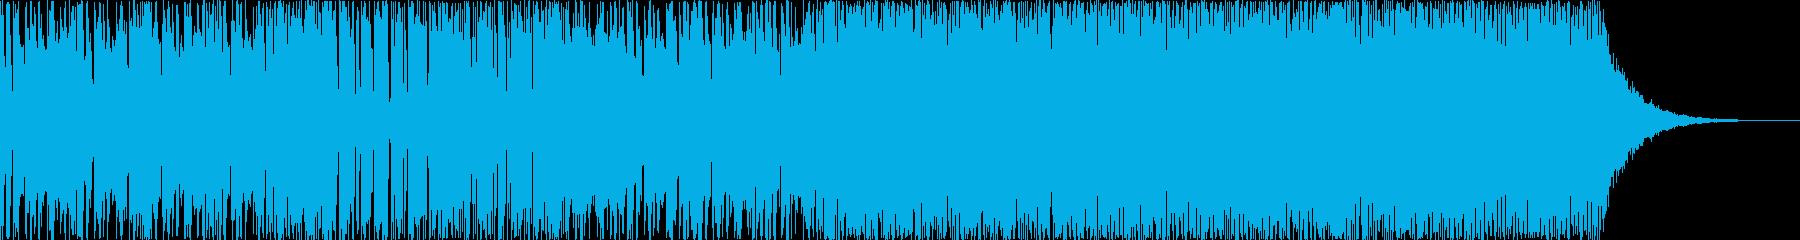 イケイケ.シンセ.pop.クラブ.EDMの再生済みの波形